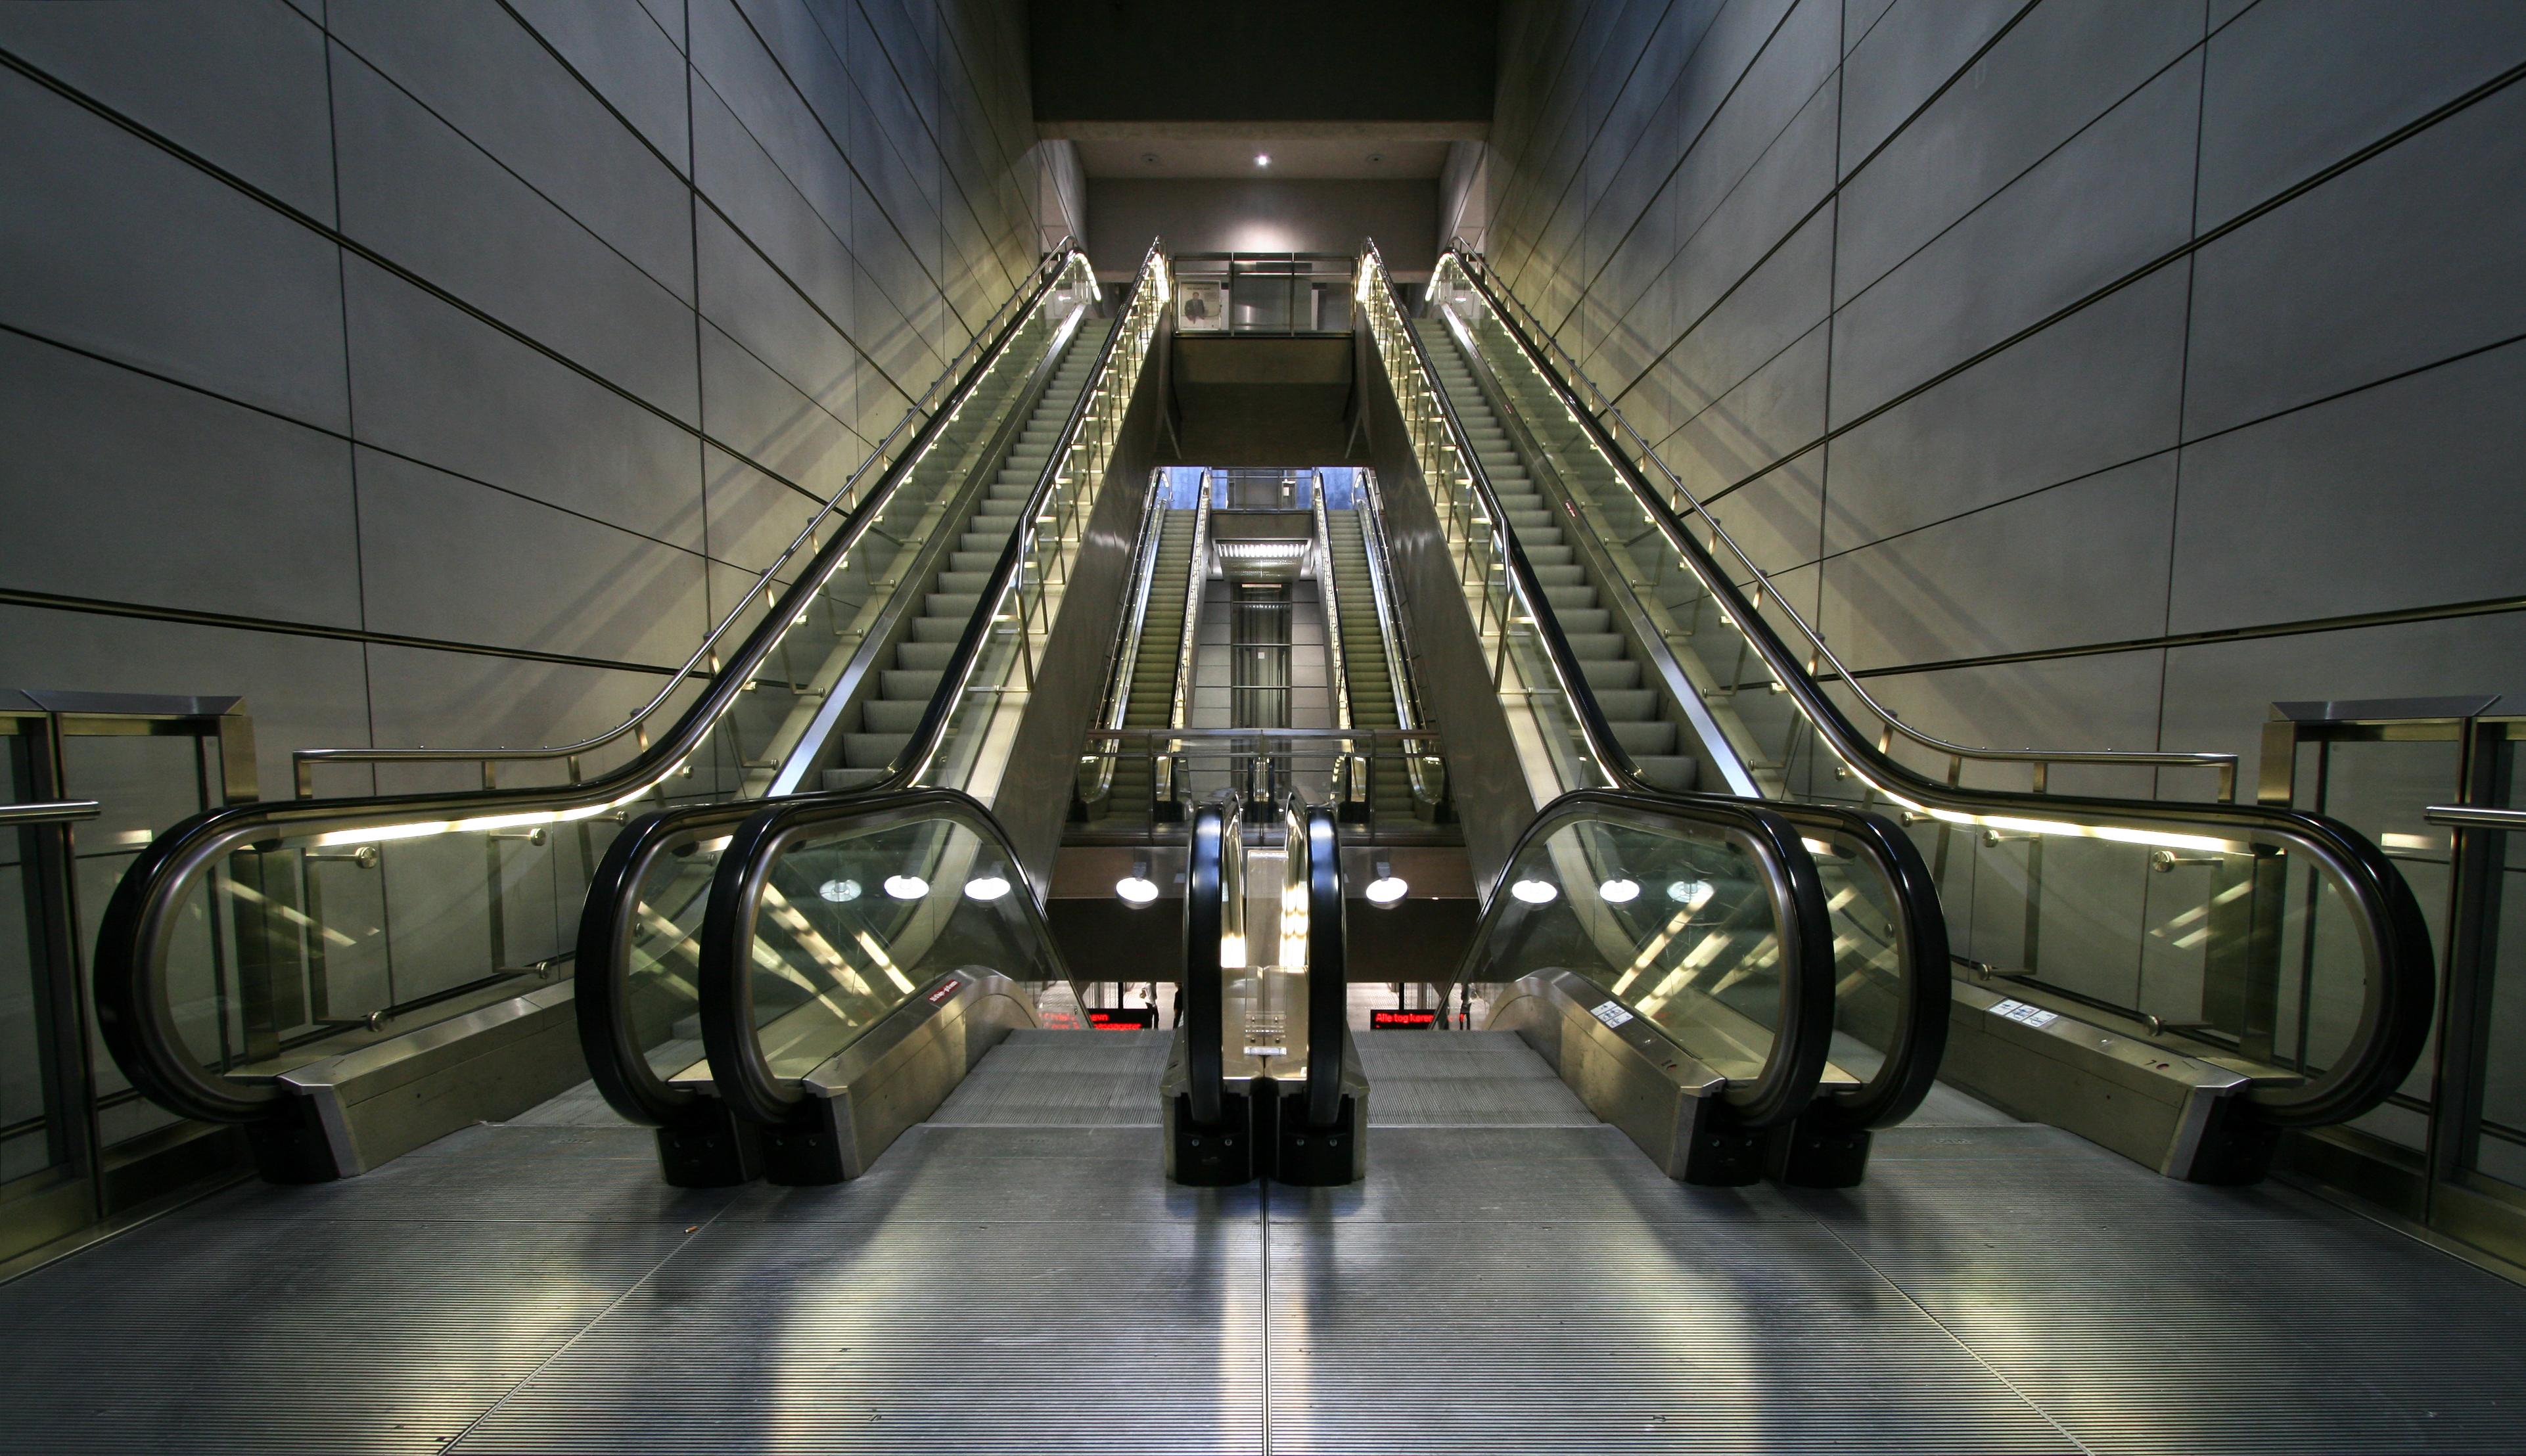 Эскалатор с подсветкой загрузить